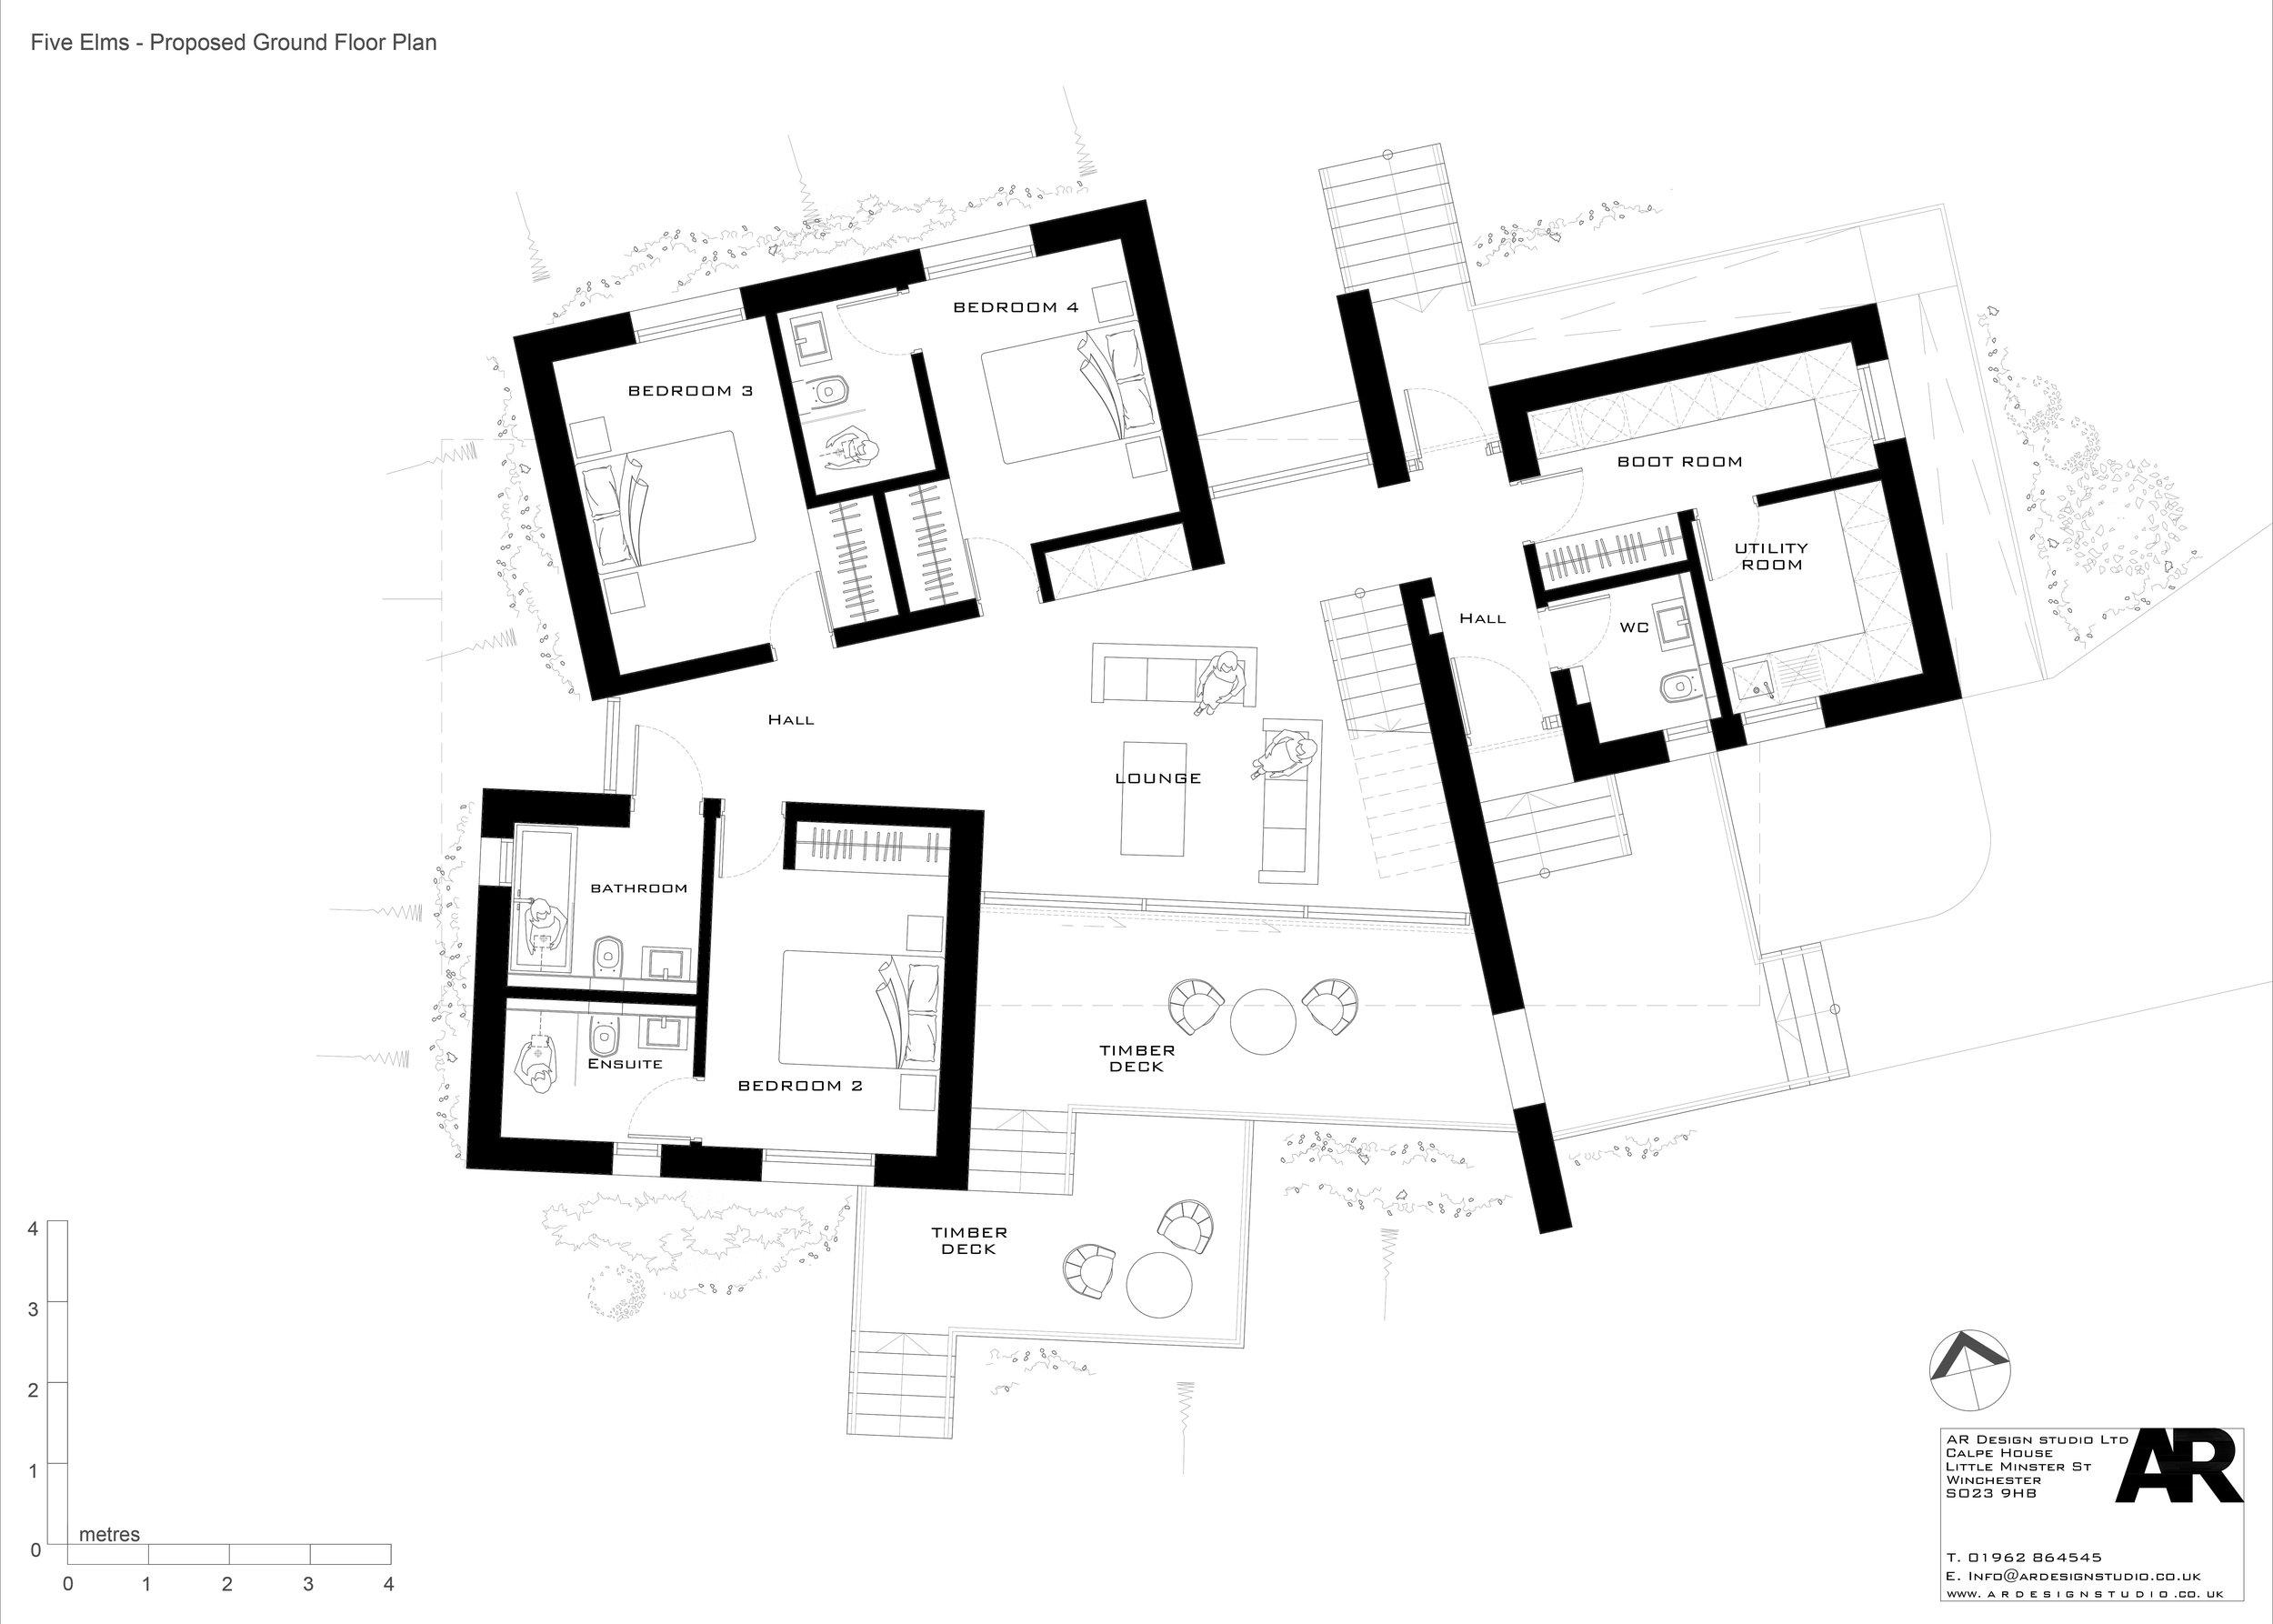 Five Elms Ground Floor Plan